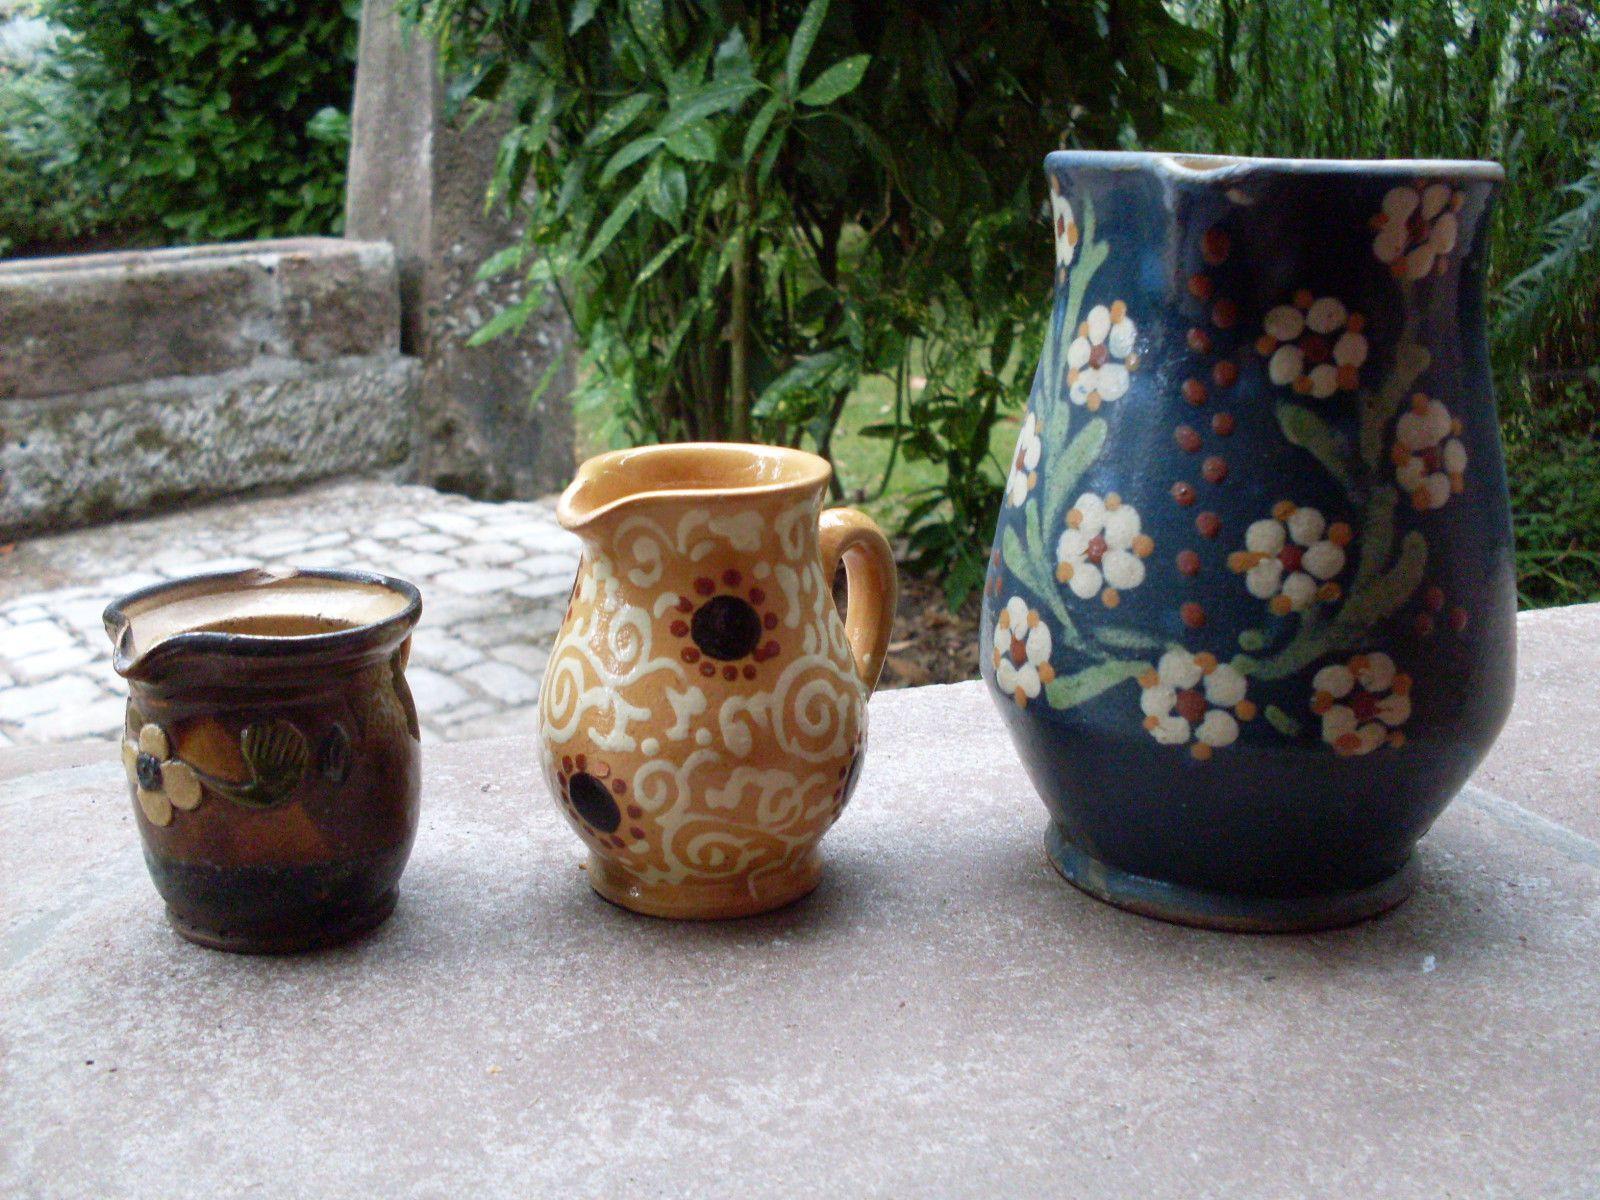 Alsace 3 rares poteries anciennes soufflenheim terre cuite vernissee pichets - Poterie goicoechea vente ligne ...